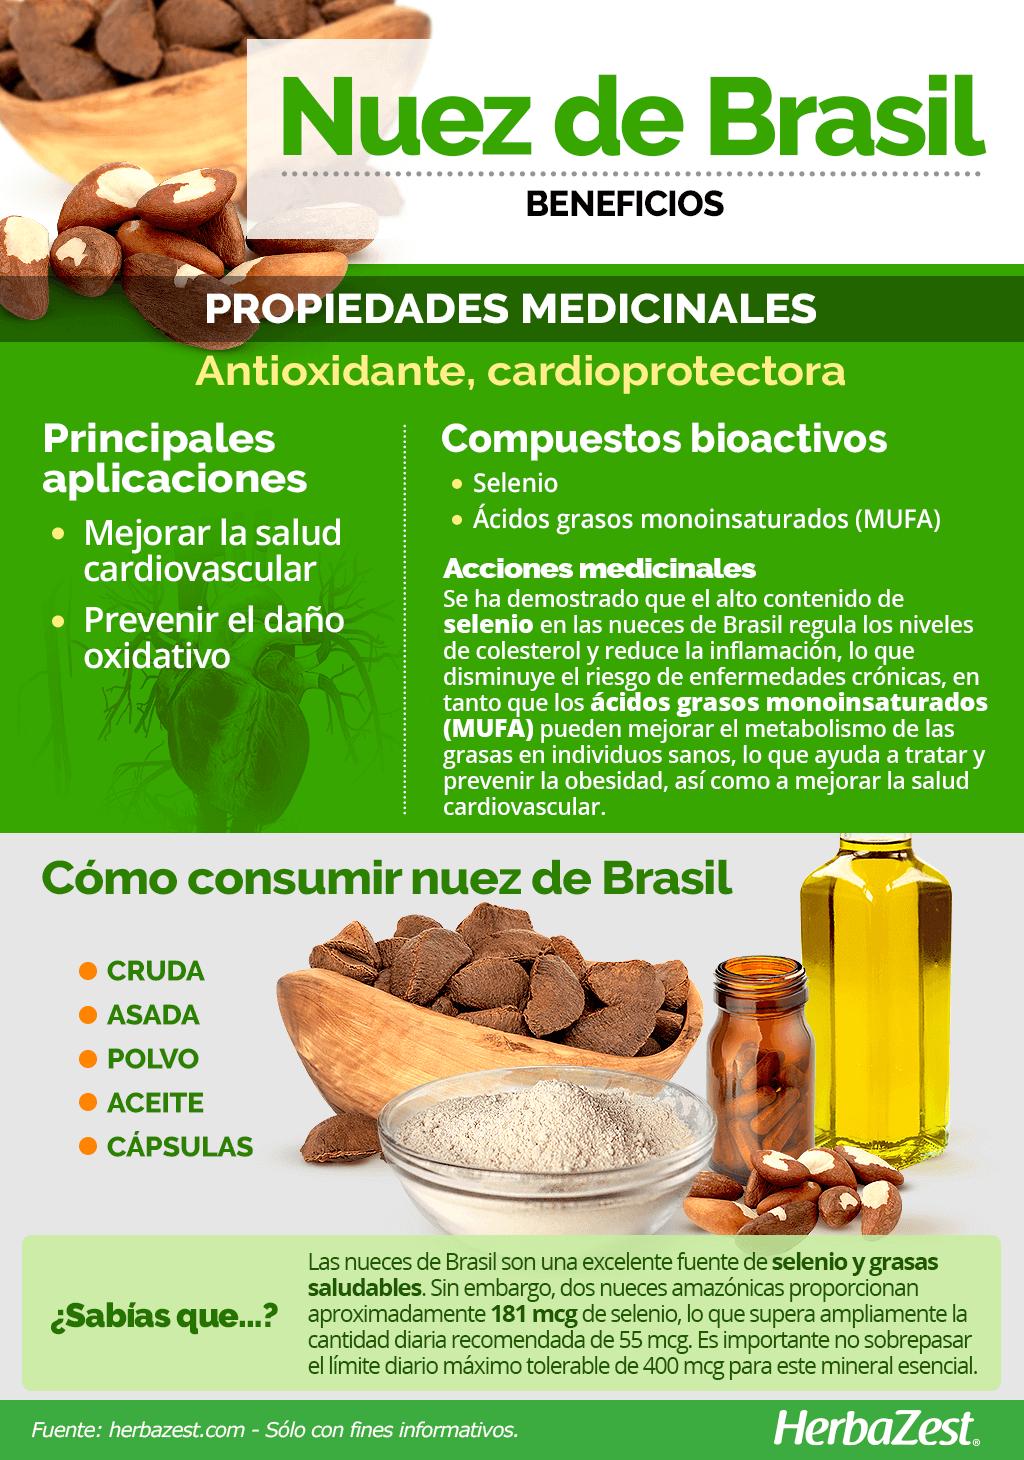 Beneficios de la nuez de Brasil